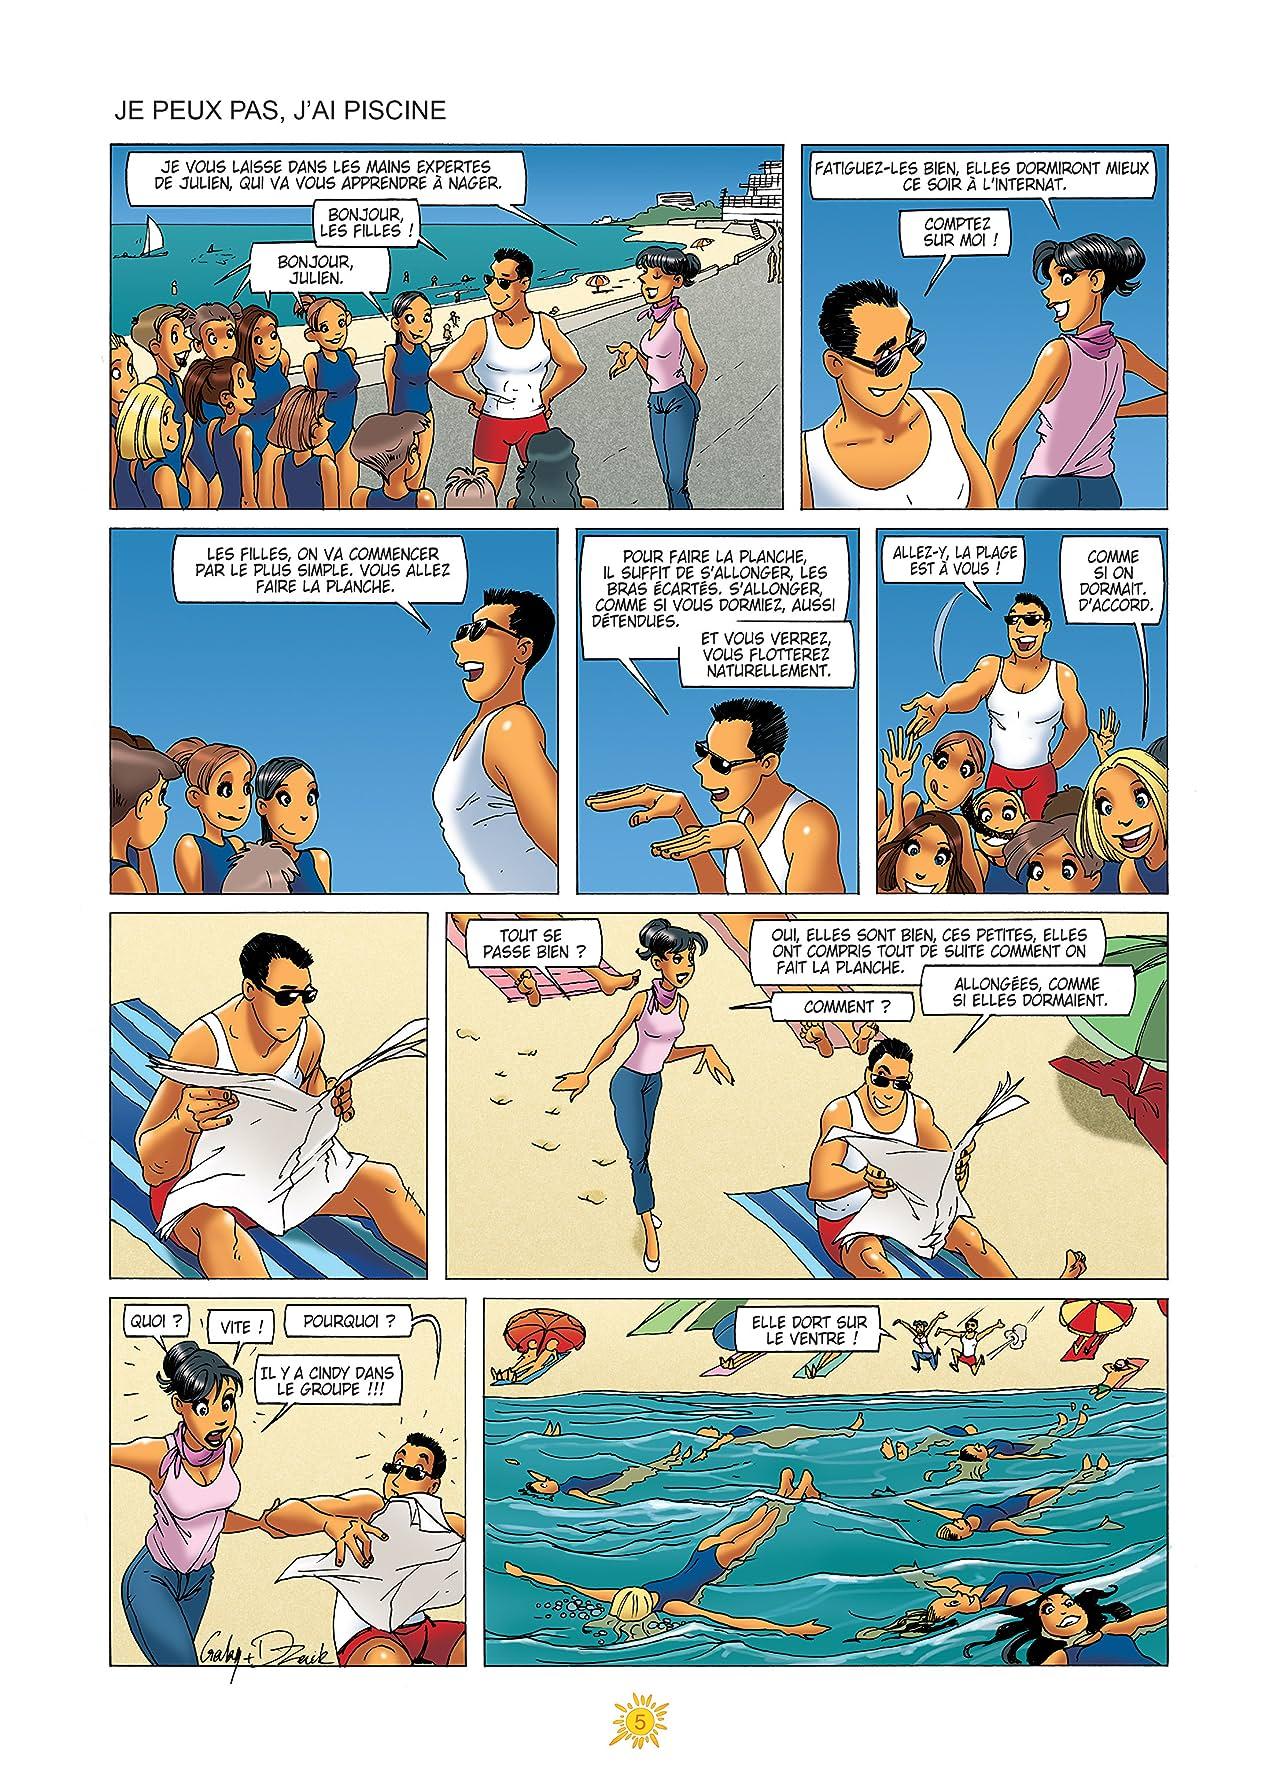 Les Blondes: Best of Les Vacances